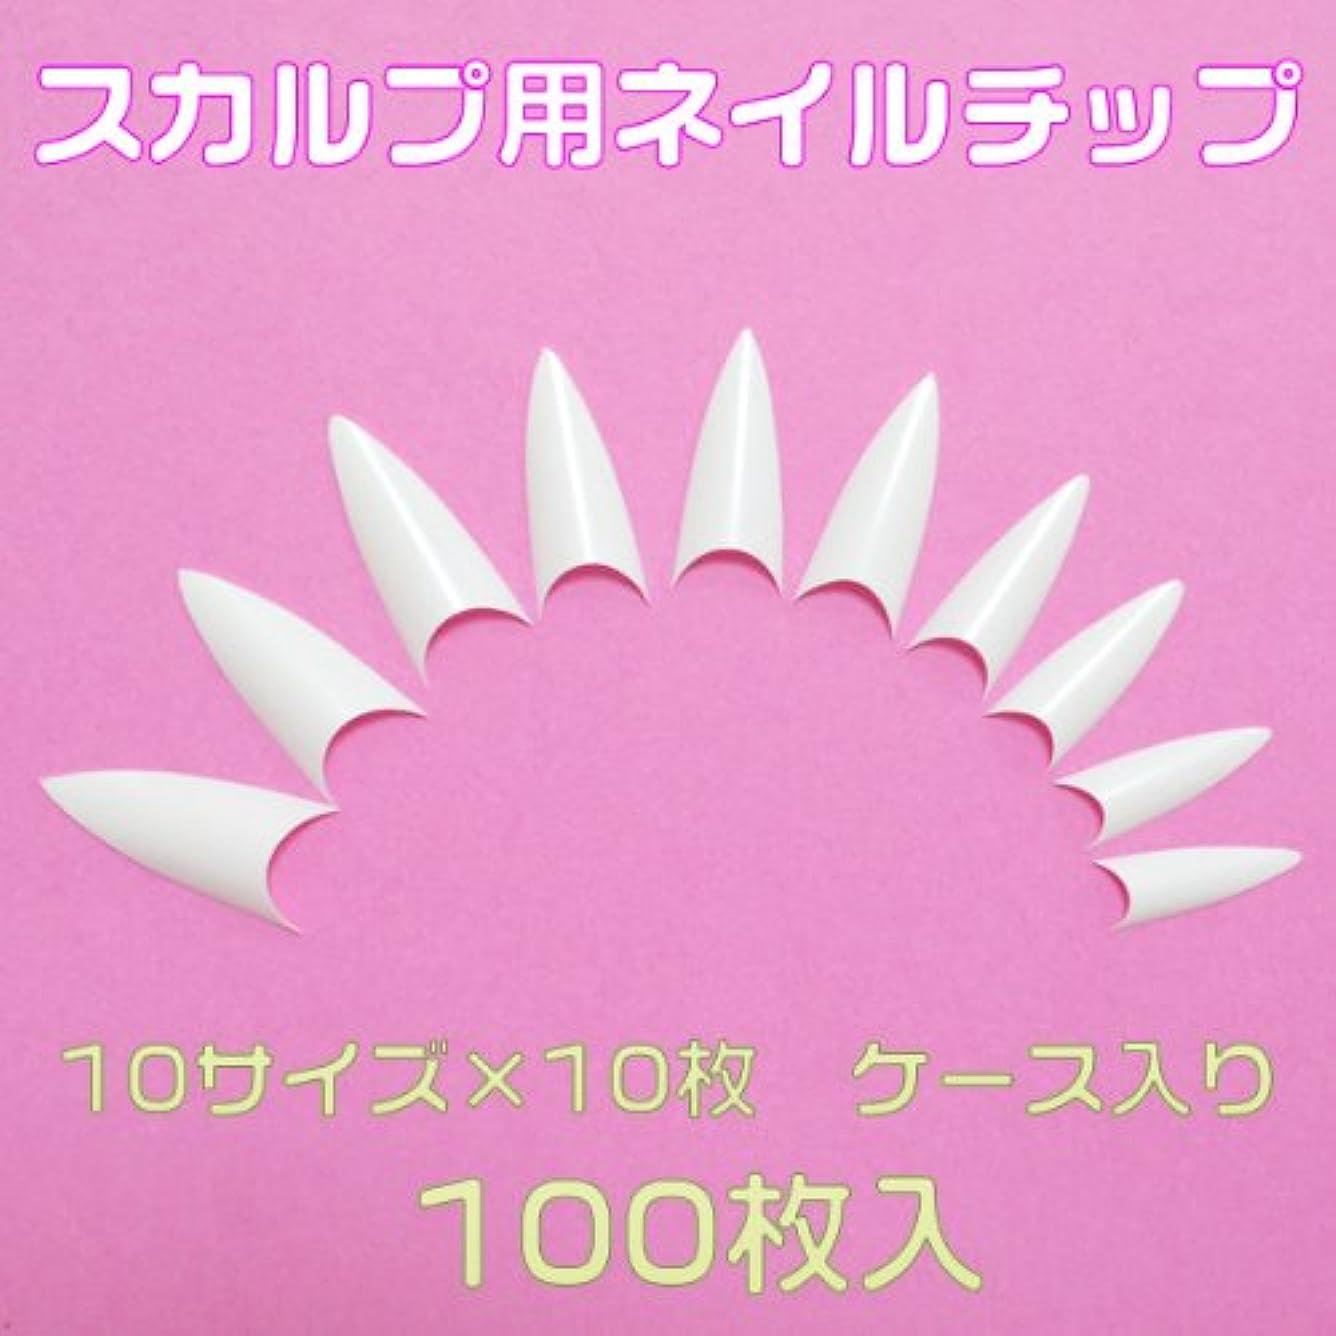 クレデンシャルを通してチューリップシャープポイント 先端が尖ったネイルチップ10サイズ100枚 白 ケース入[#c4]とんがりネイルチップ